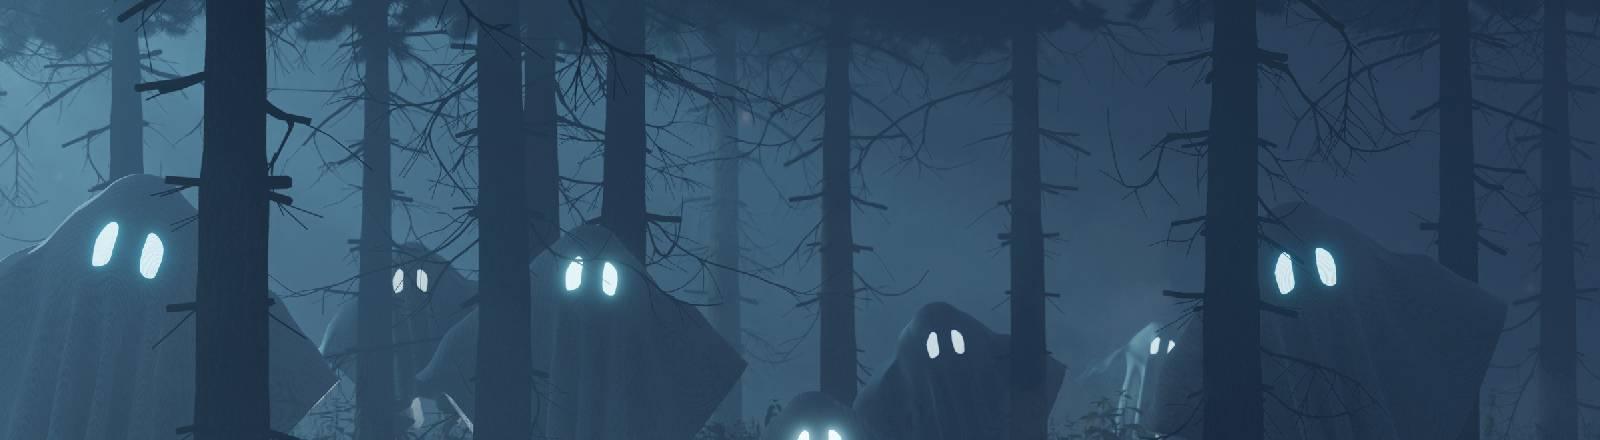 Geister sind im Wald